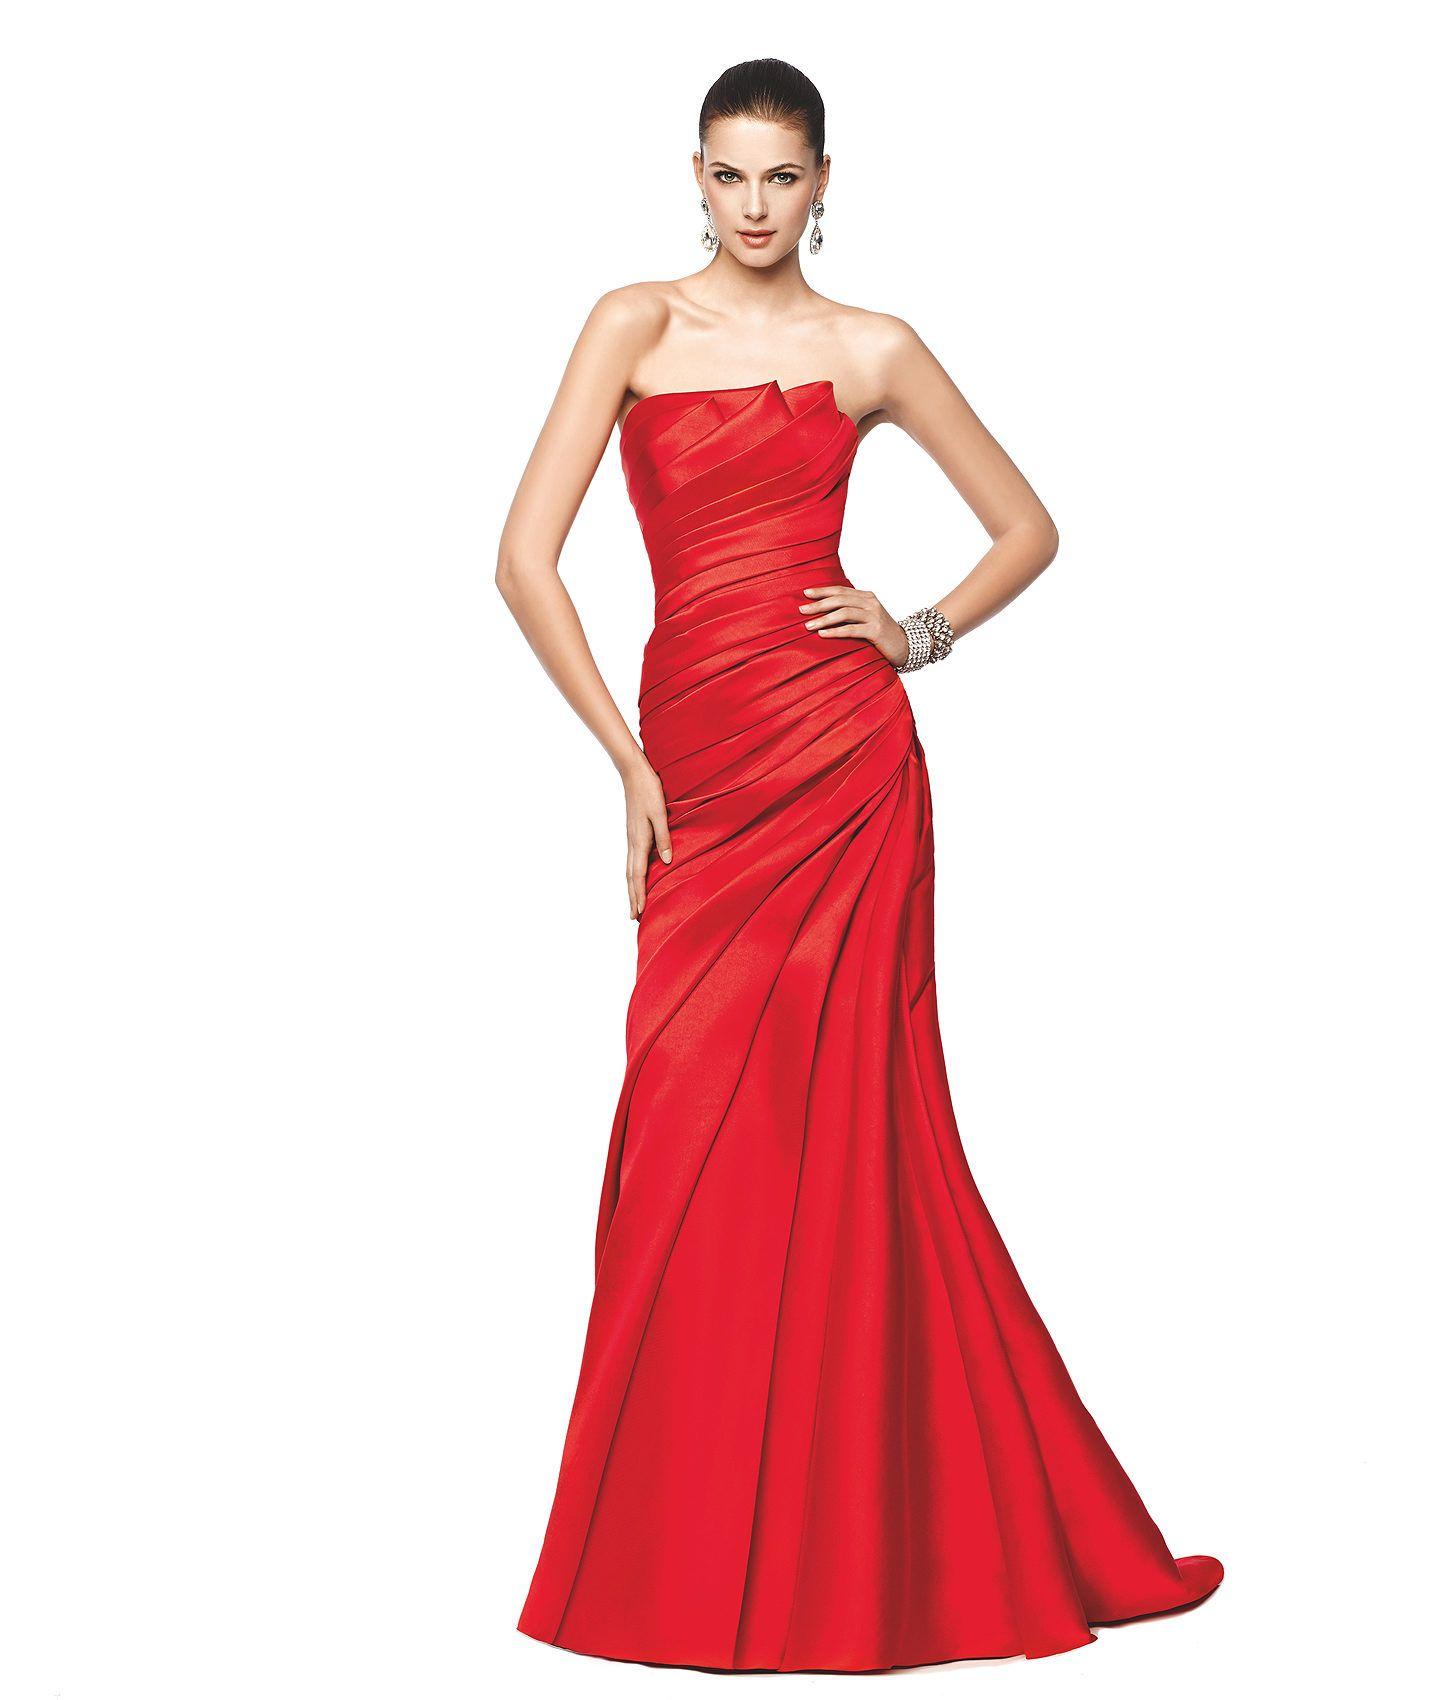 982ff4988 21 Lindos Vestidos de Cóctel y Promoción de Pronovias 2015